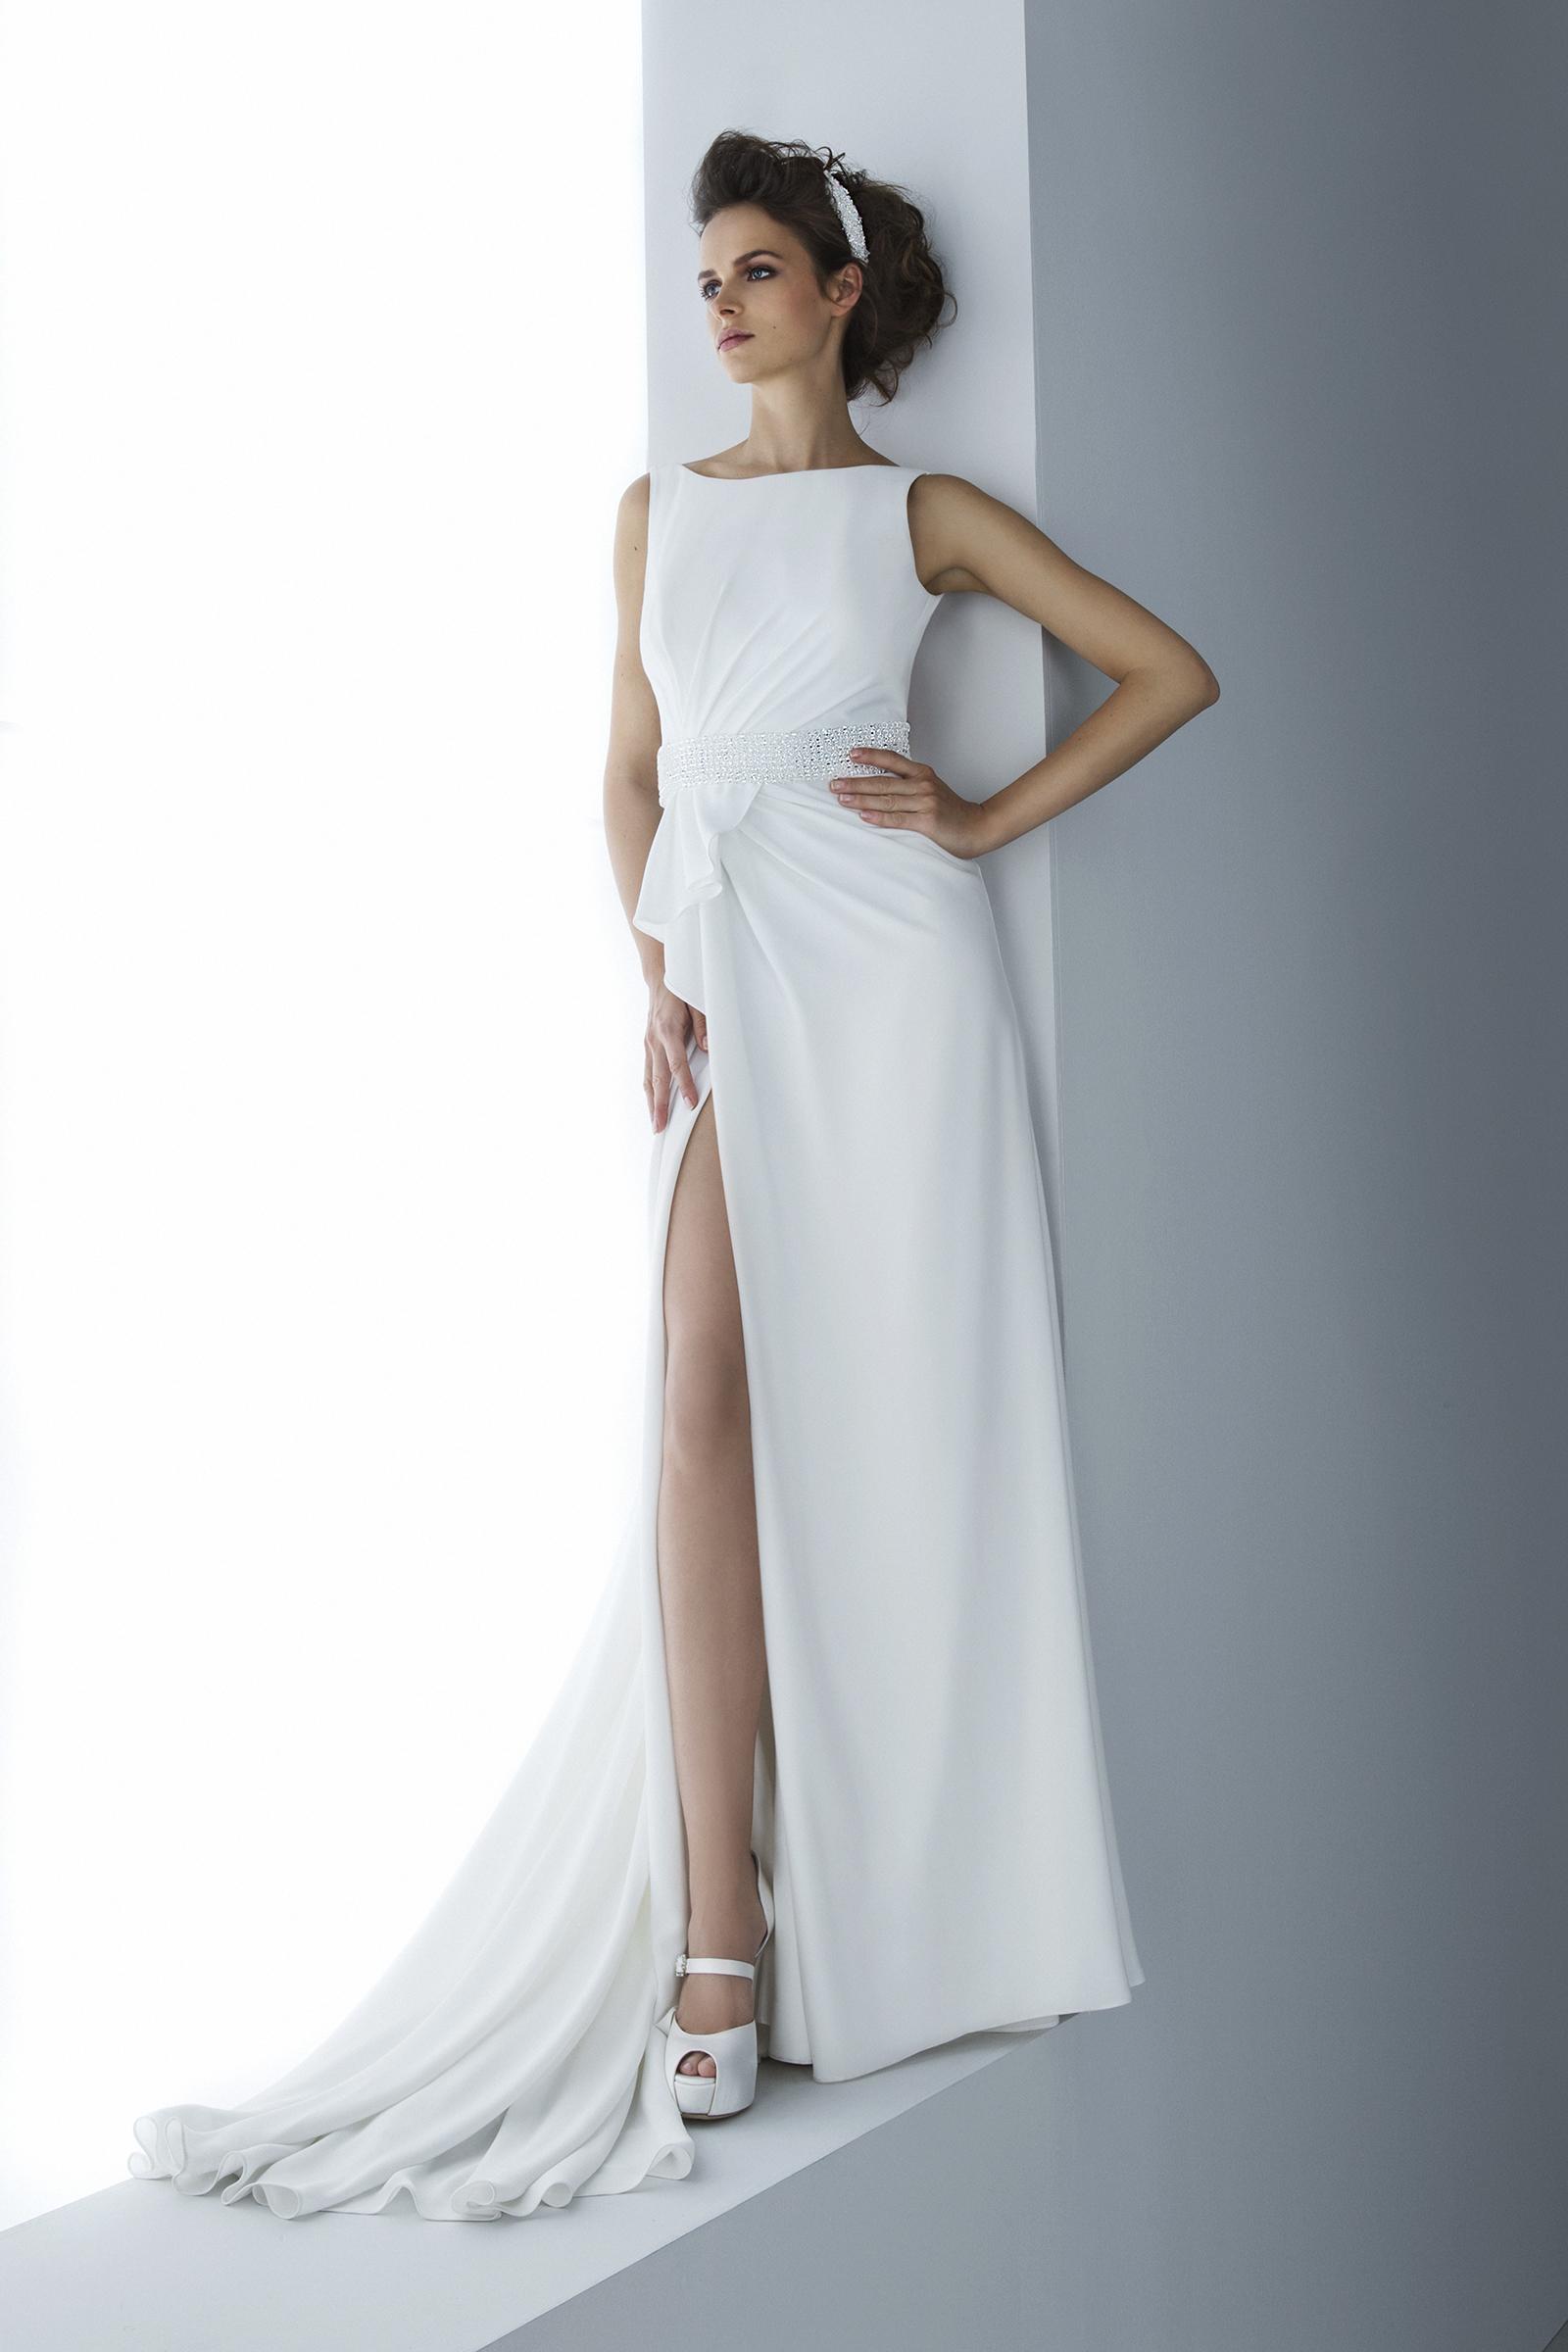 a13933f2567f Vestito sposa collezione Ego 2016 Valentini modello VL204 1 | Look Sposa